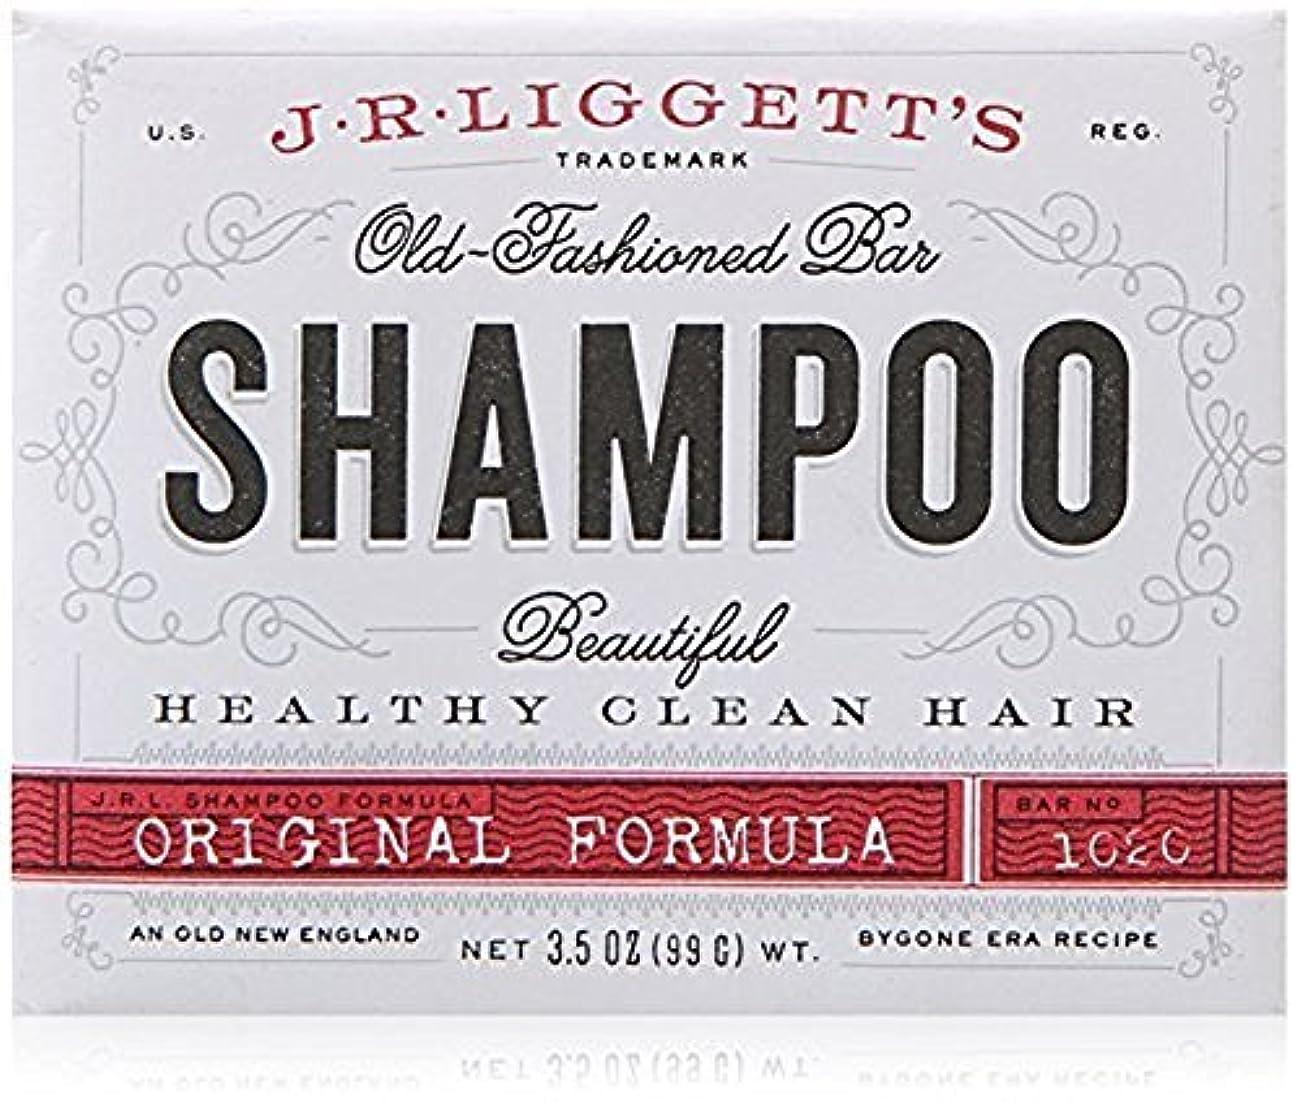 ペンダント中毒動x J.R.Liggett's Old-Fashioned Bar Shampoo The Original Formula - 3.5 oz by J.R. Liggett